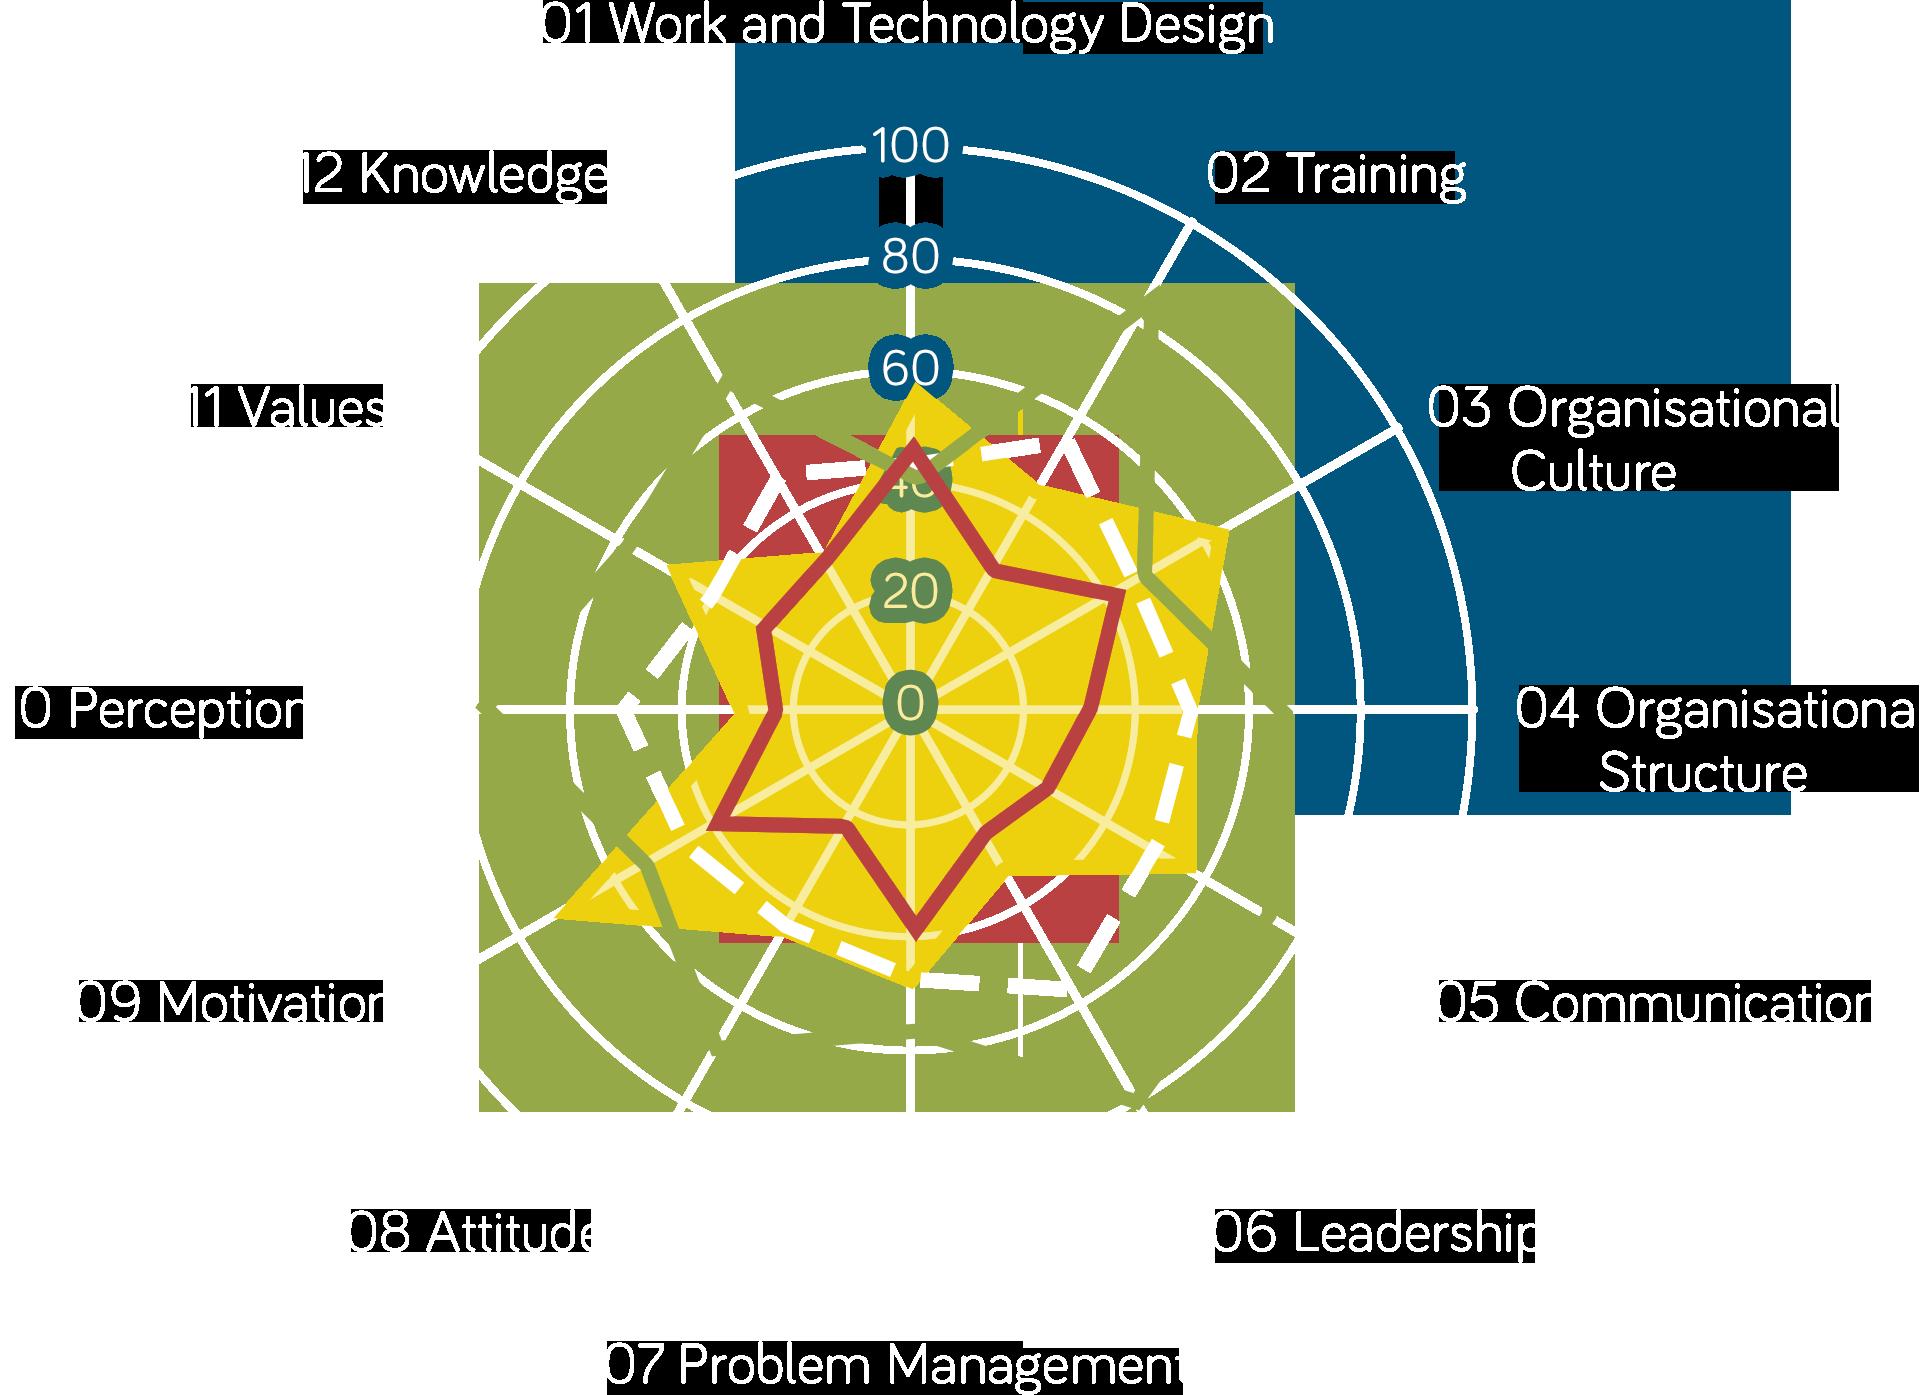 Eine graphische Darstellung der Ergebnisse des TWISK® Benchmark Radars